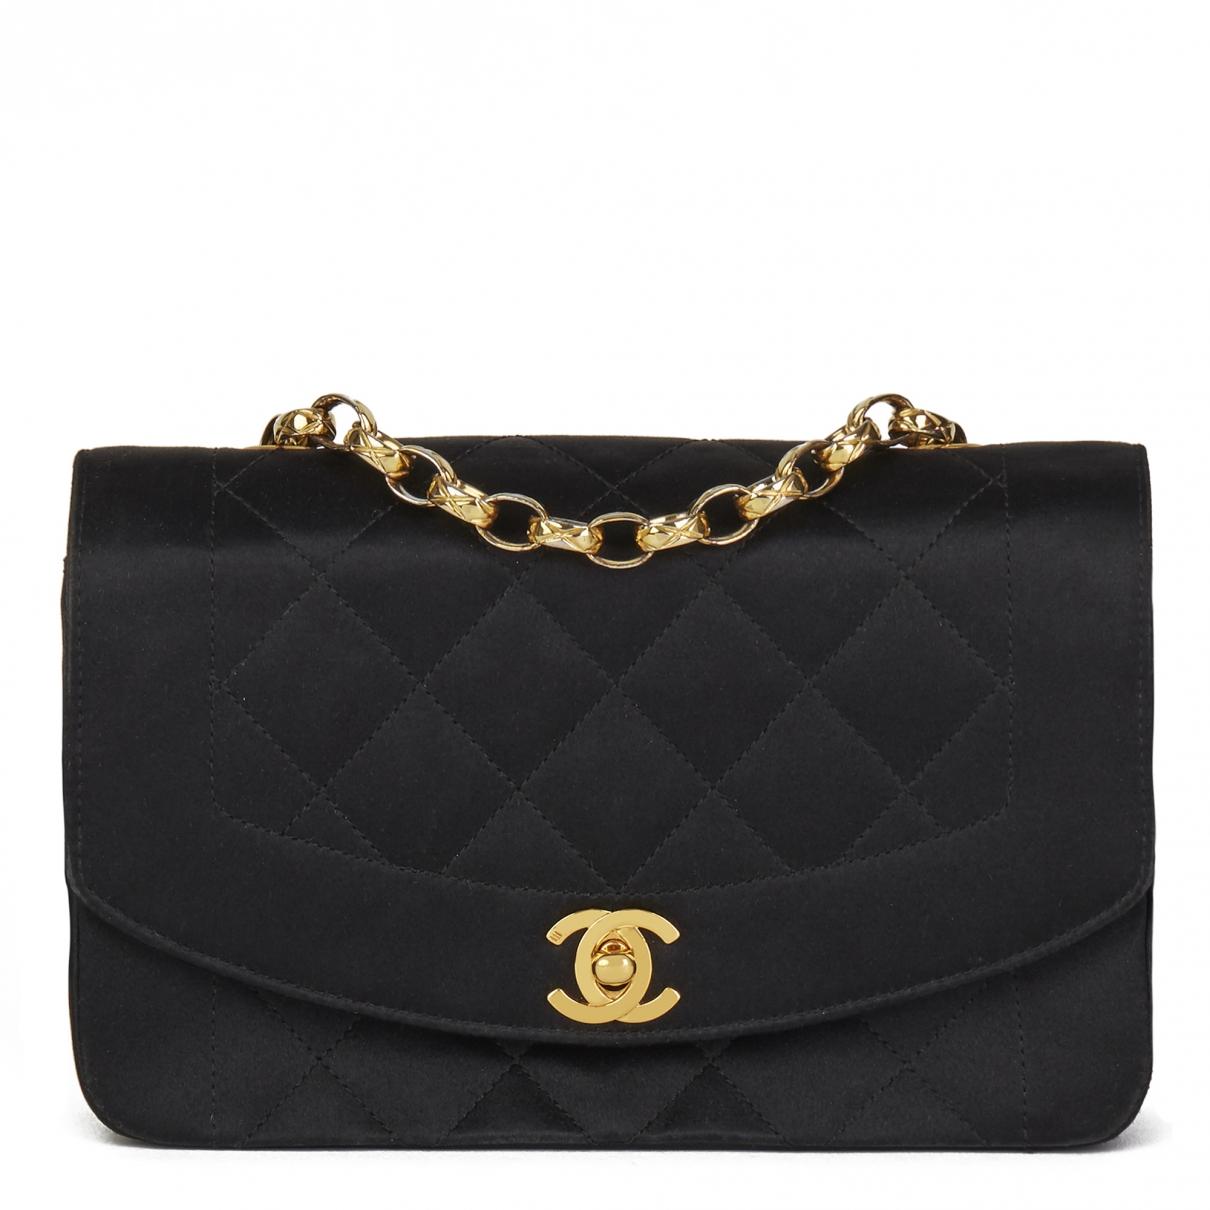 Chanel - Sac a main Diana pour femme en toile - noir